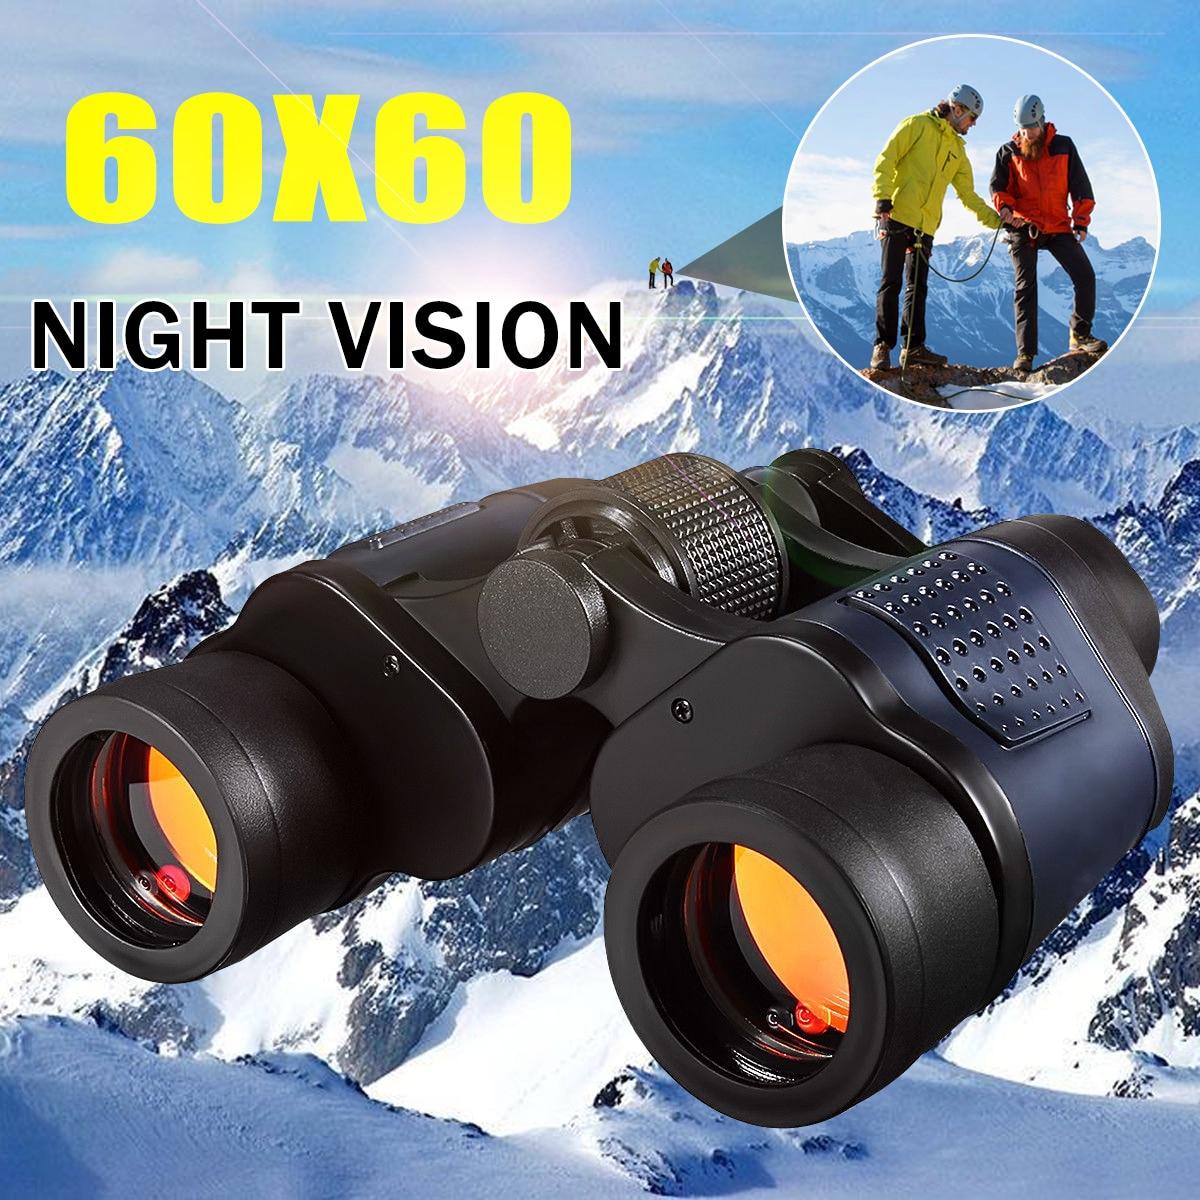 Nachtsicht 60x60 3000 M High Definition Outdoor Jagd Fernglas Teleskop HD Wasserdicht Für Outdoor Jagd